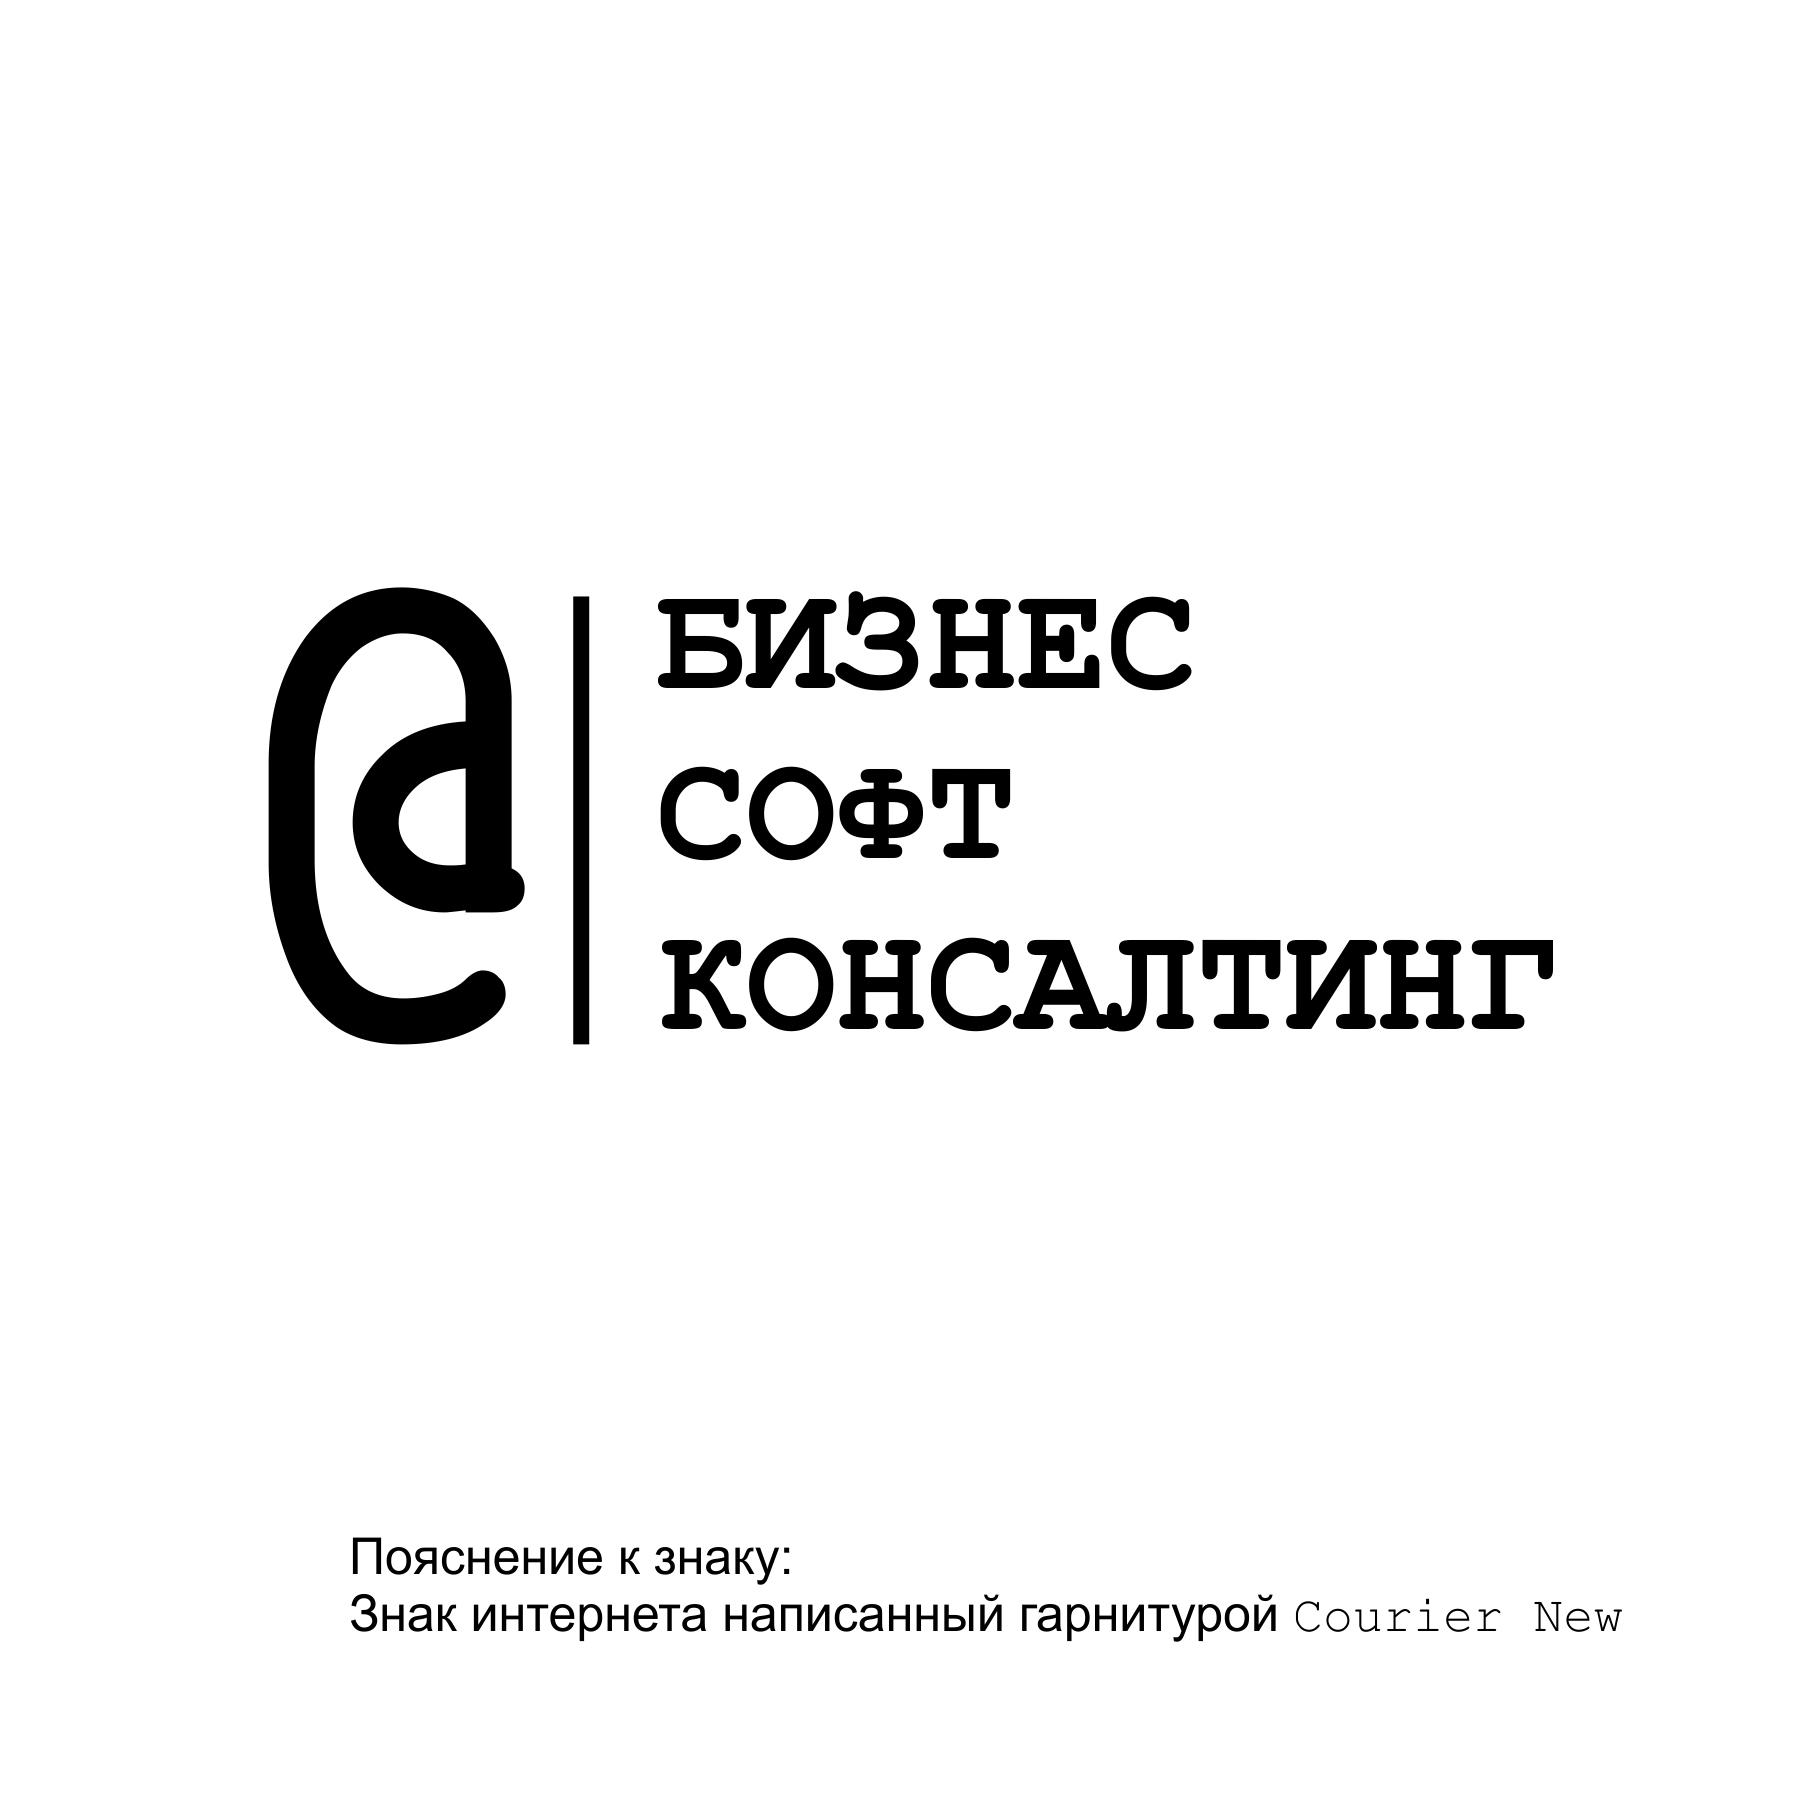 Разработать логотип со смыслом для компании-разработчика ПО фото f_50500acfe700b.png